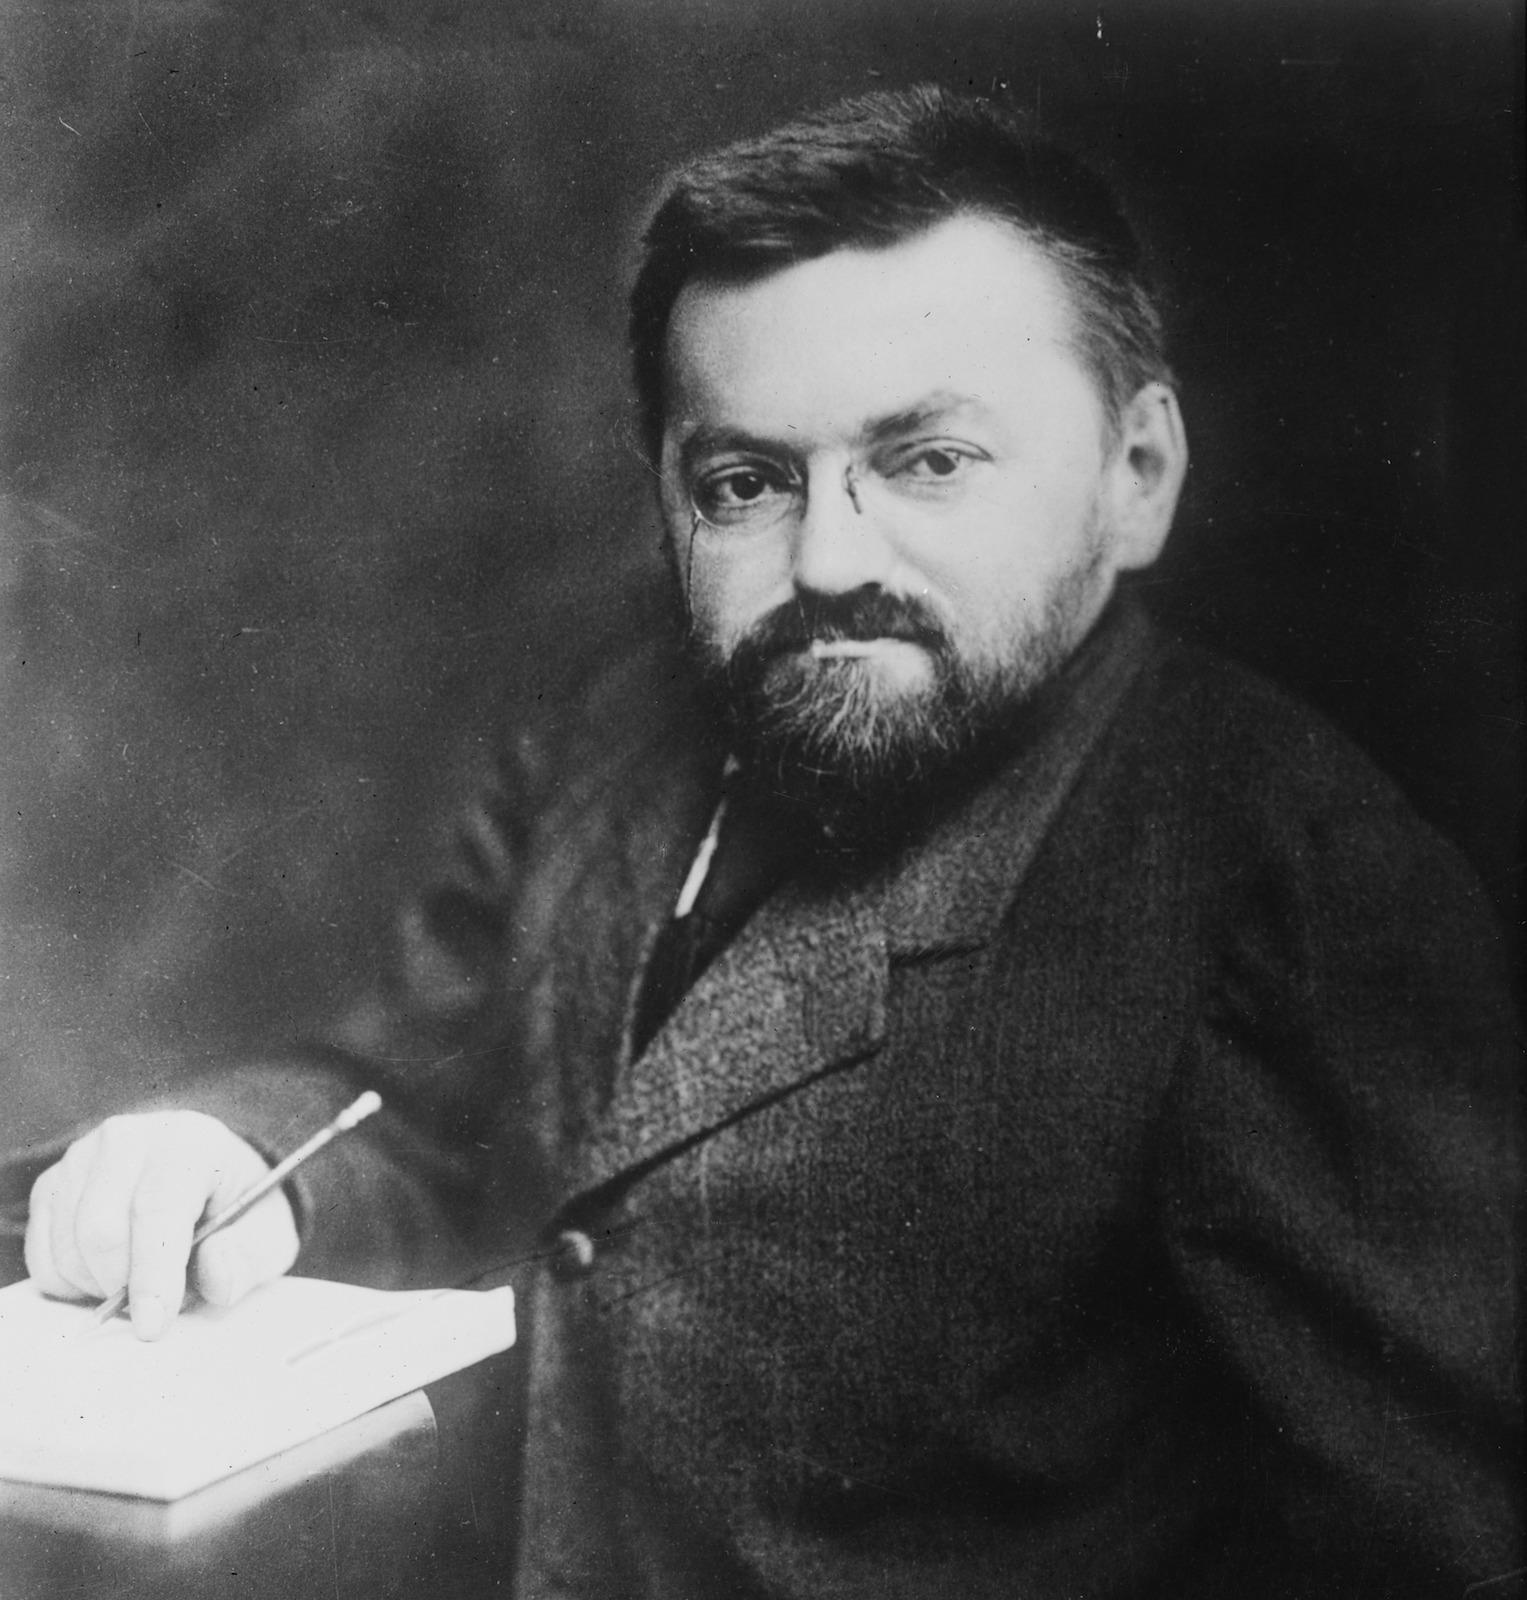 Charles Proteus Steinmetz